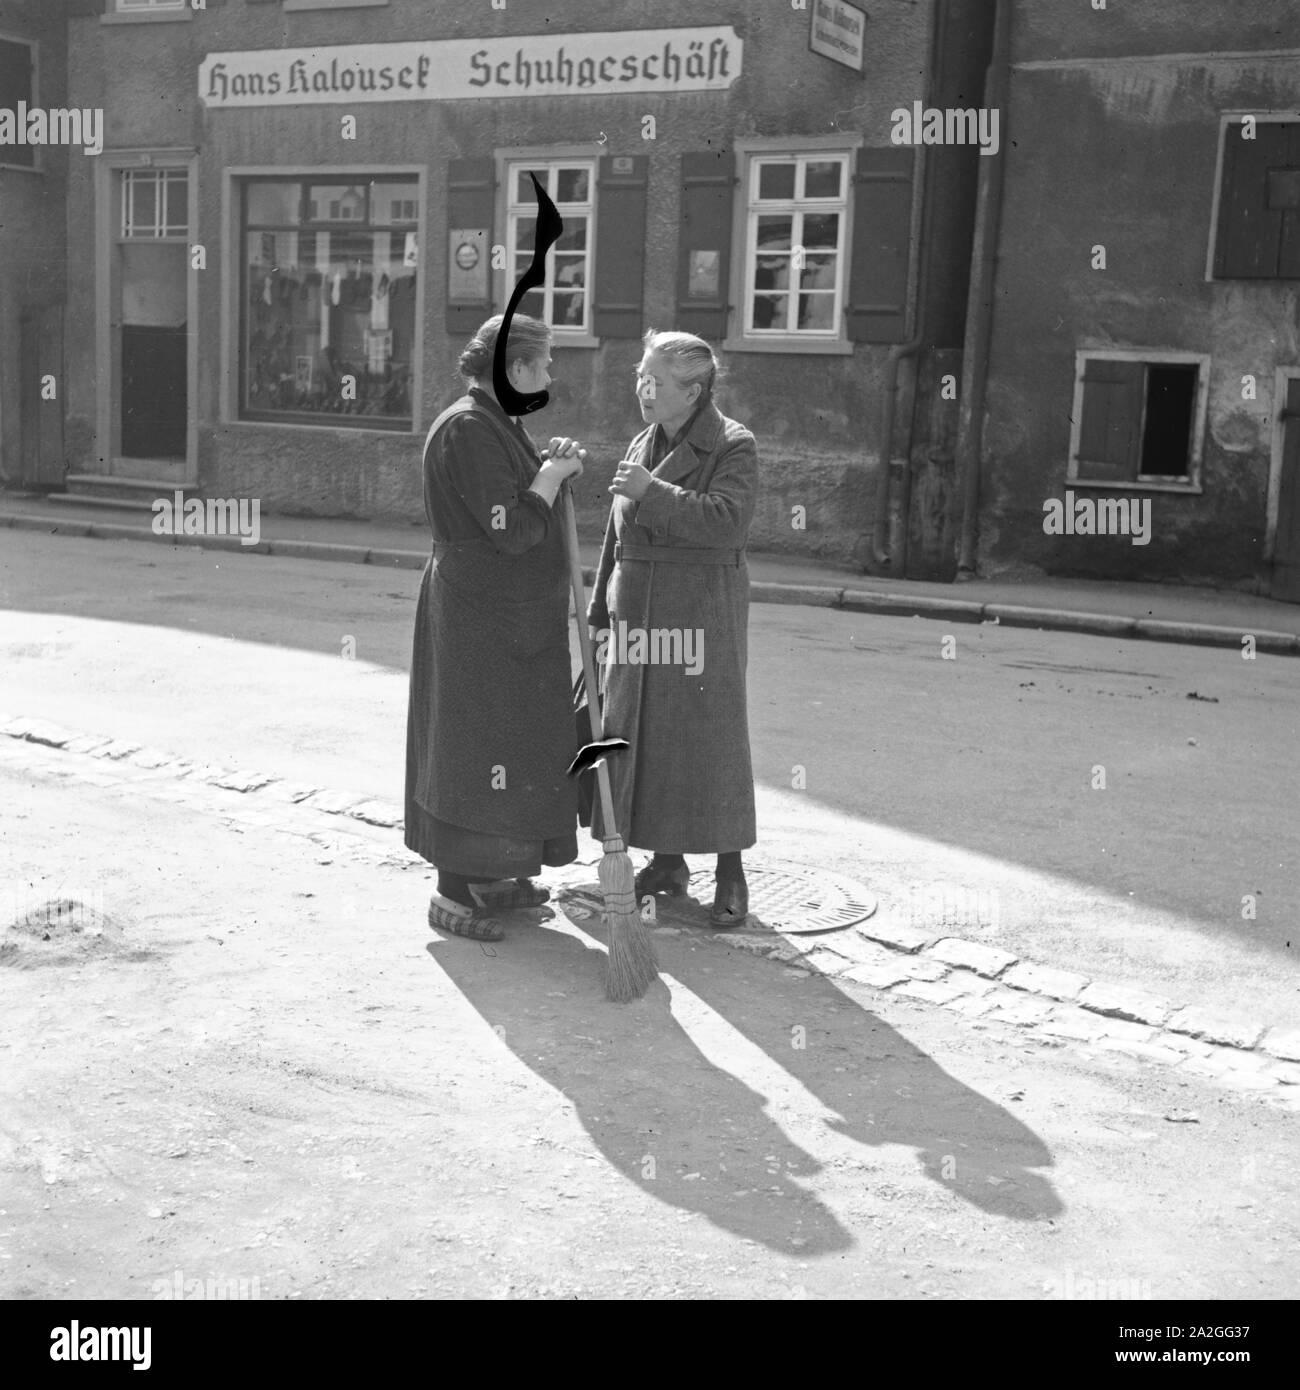 Zwei Frauen sind vertieft dans eine Unterhaltung, Deutschland 1930er Jahre. Deux femmes discutent dans la rue, Allemagne 1930. Banque D'Images